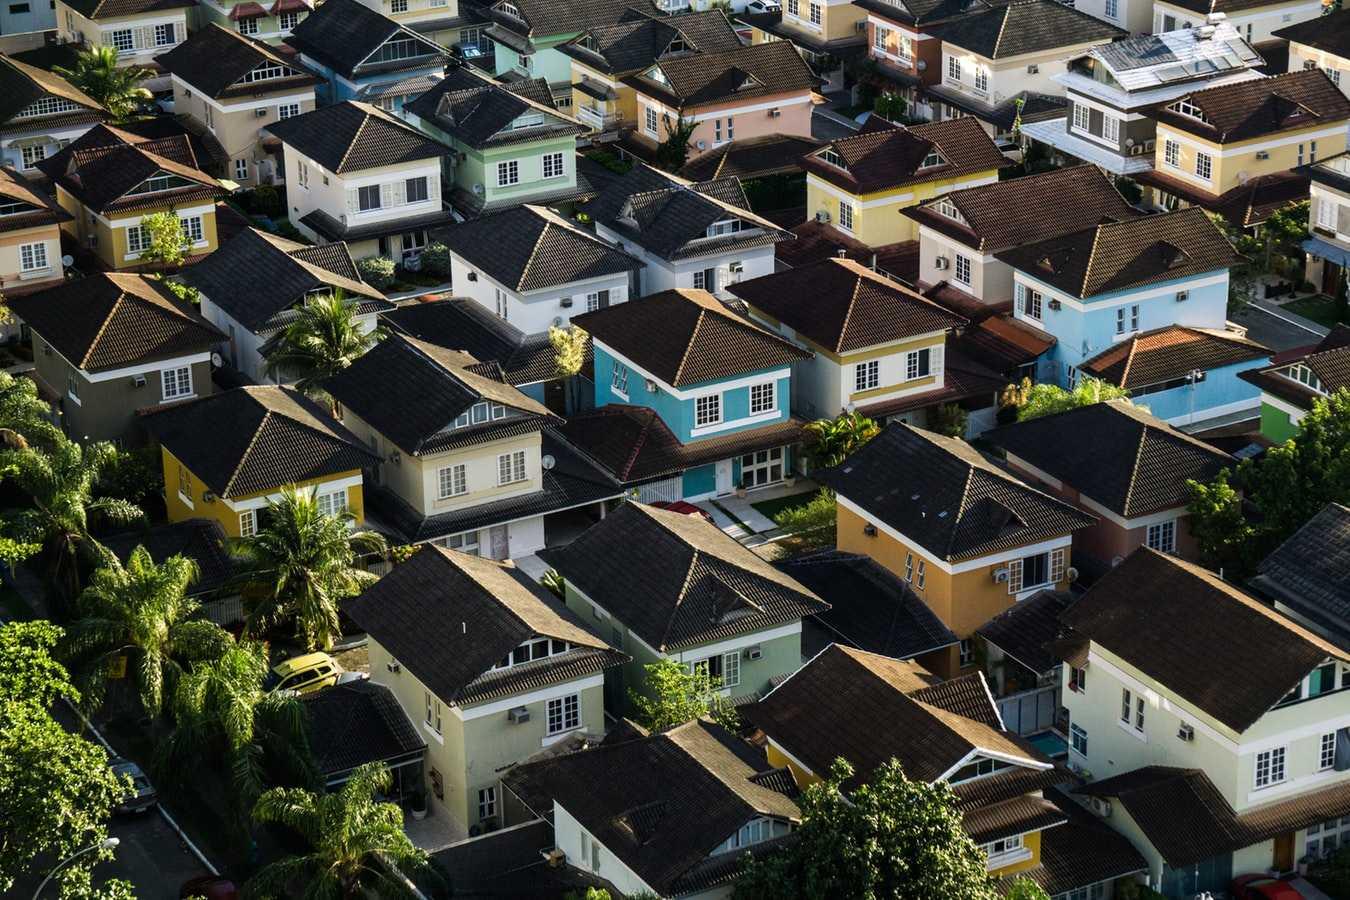 foto-aearea-varias-casas-residencias